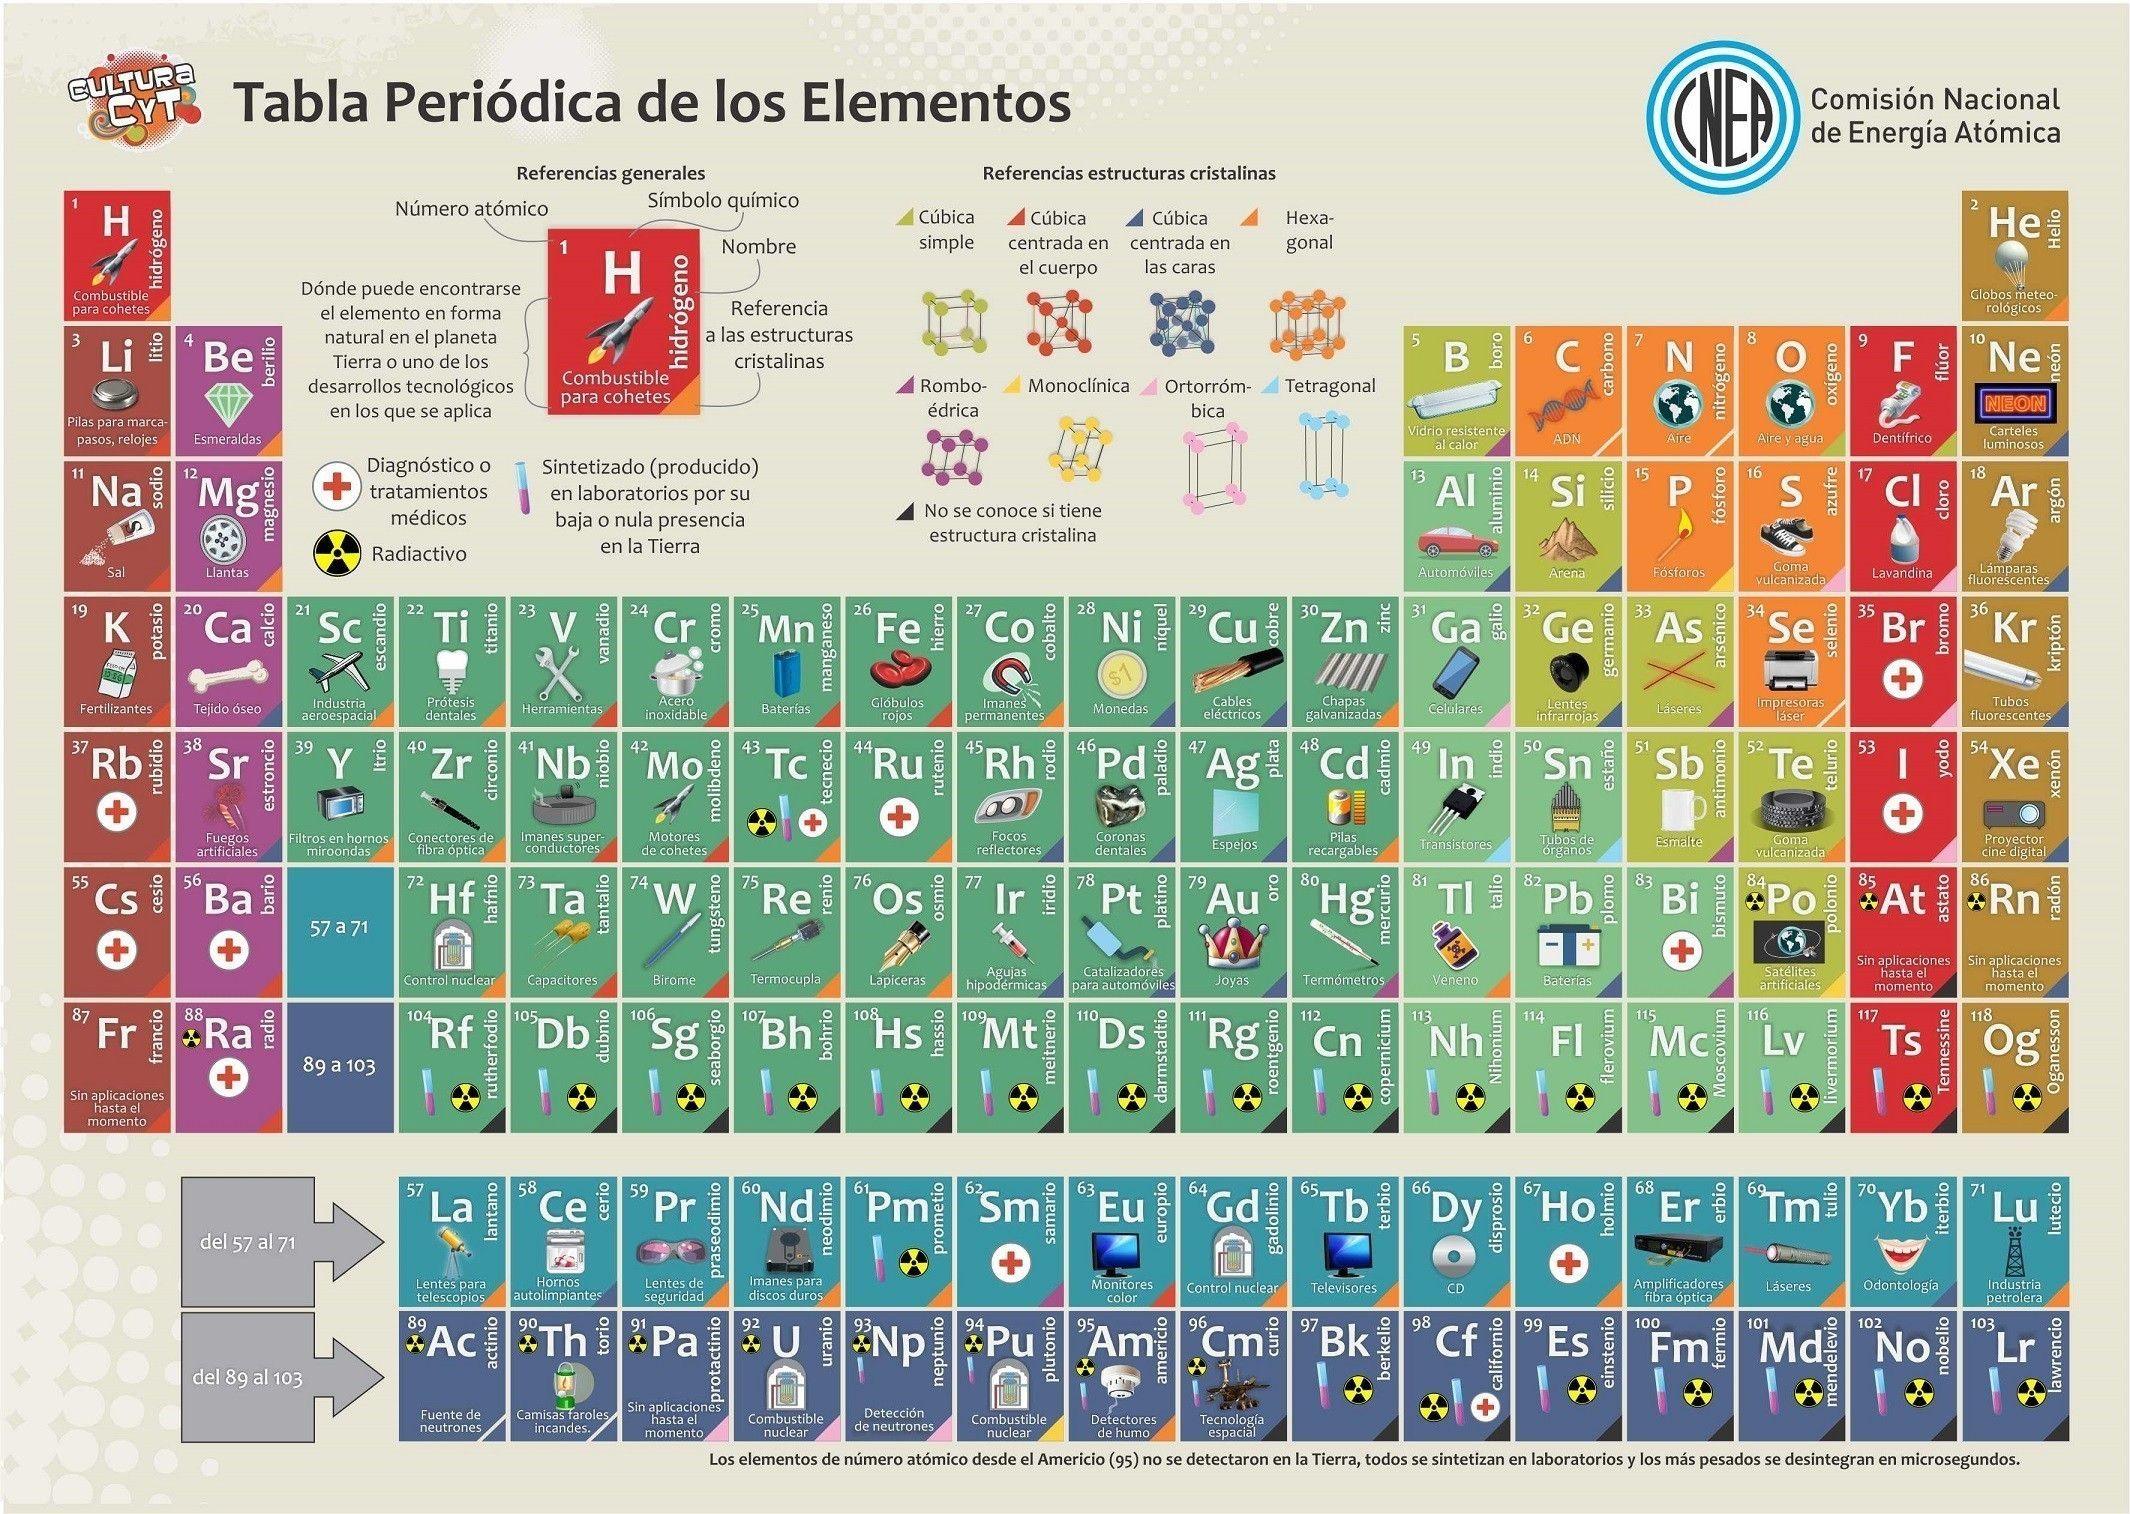 tabla periodica completa con dibujos new tabla periodica de los elementos quimicos para imprimir pleta